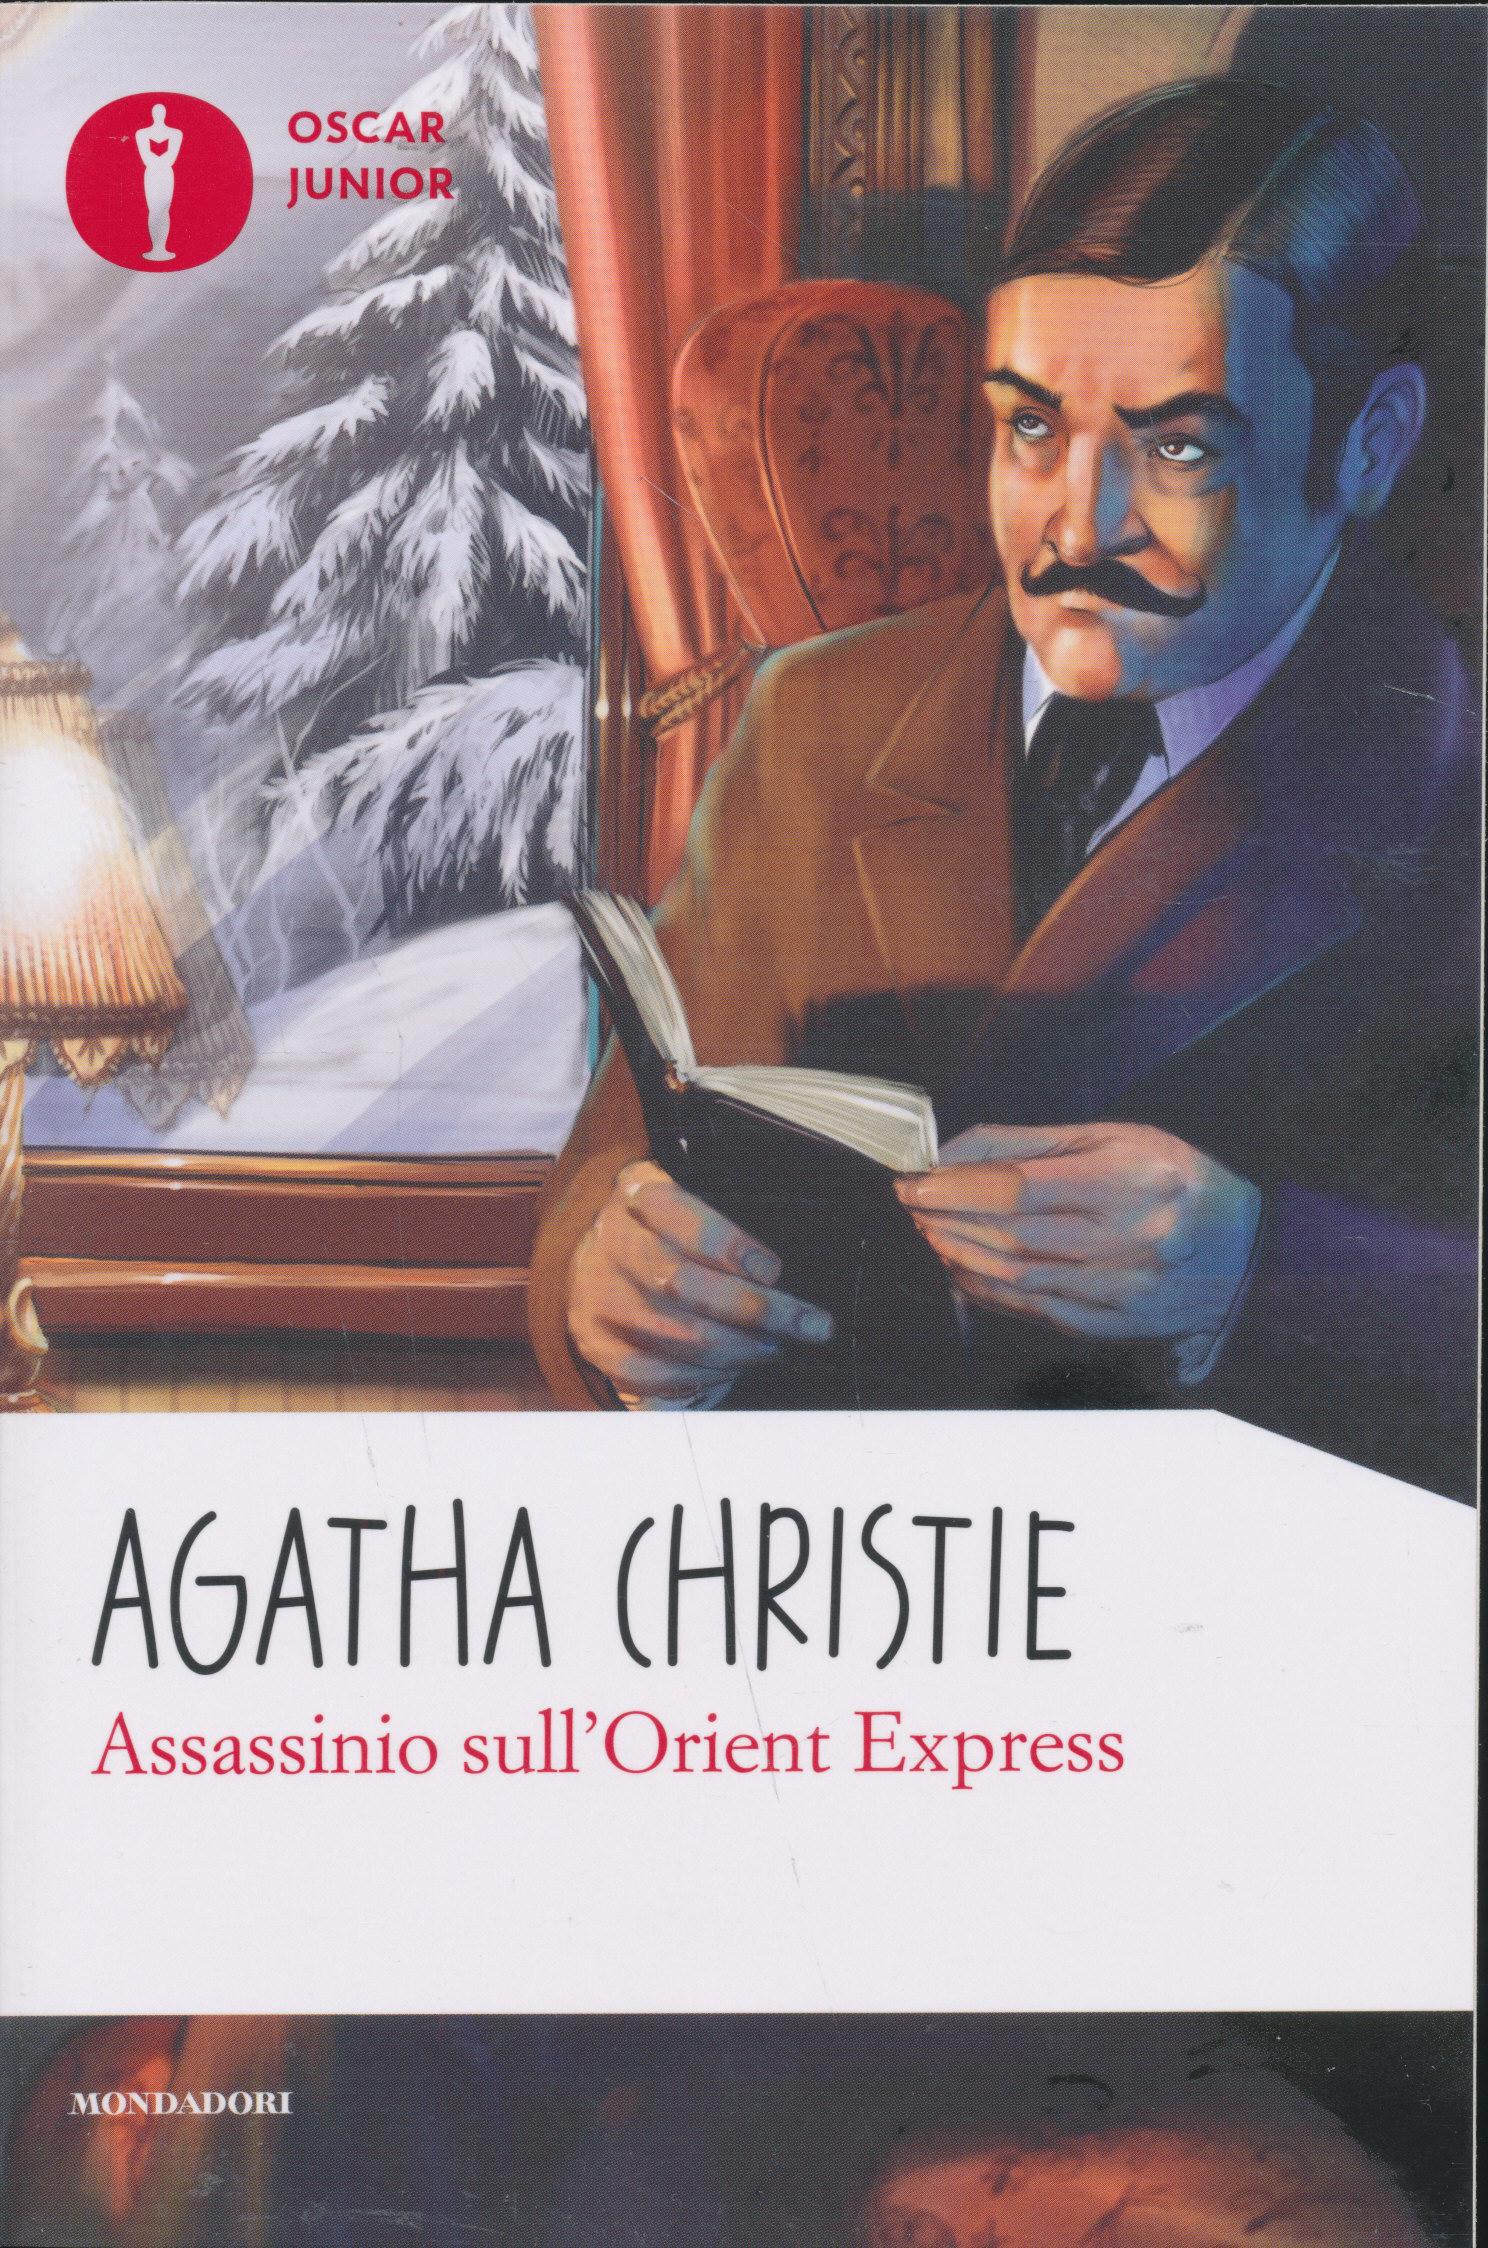 Agatha Christie: Assassinio sull'Orient Express